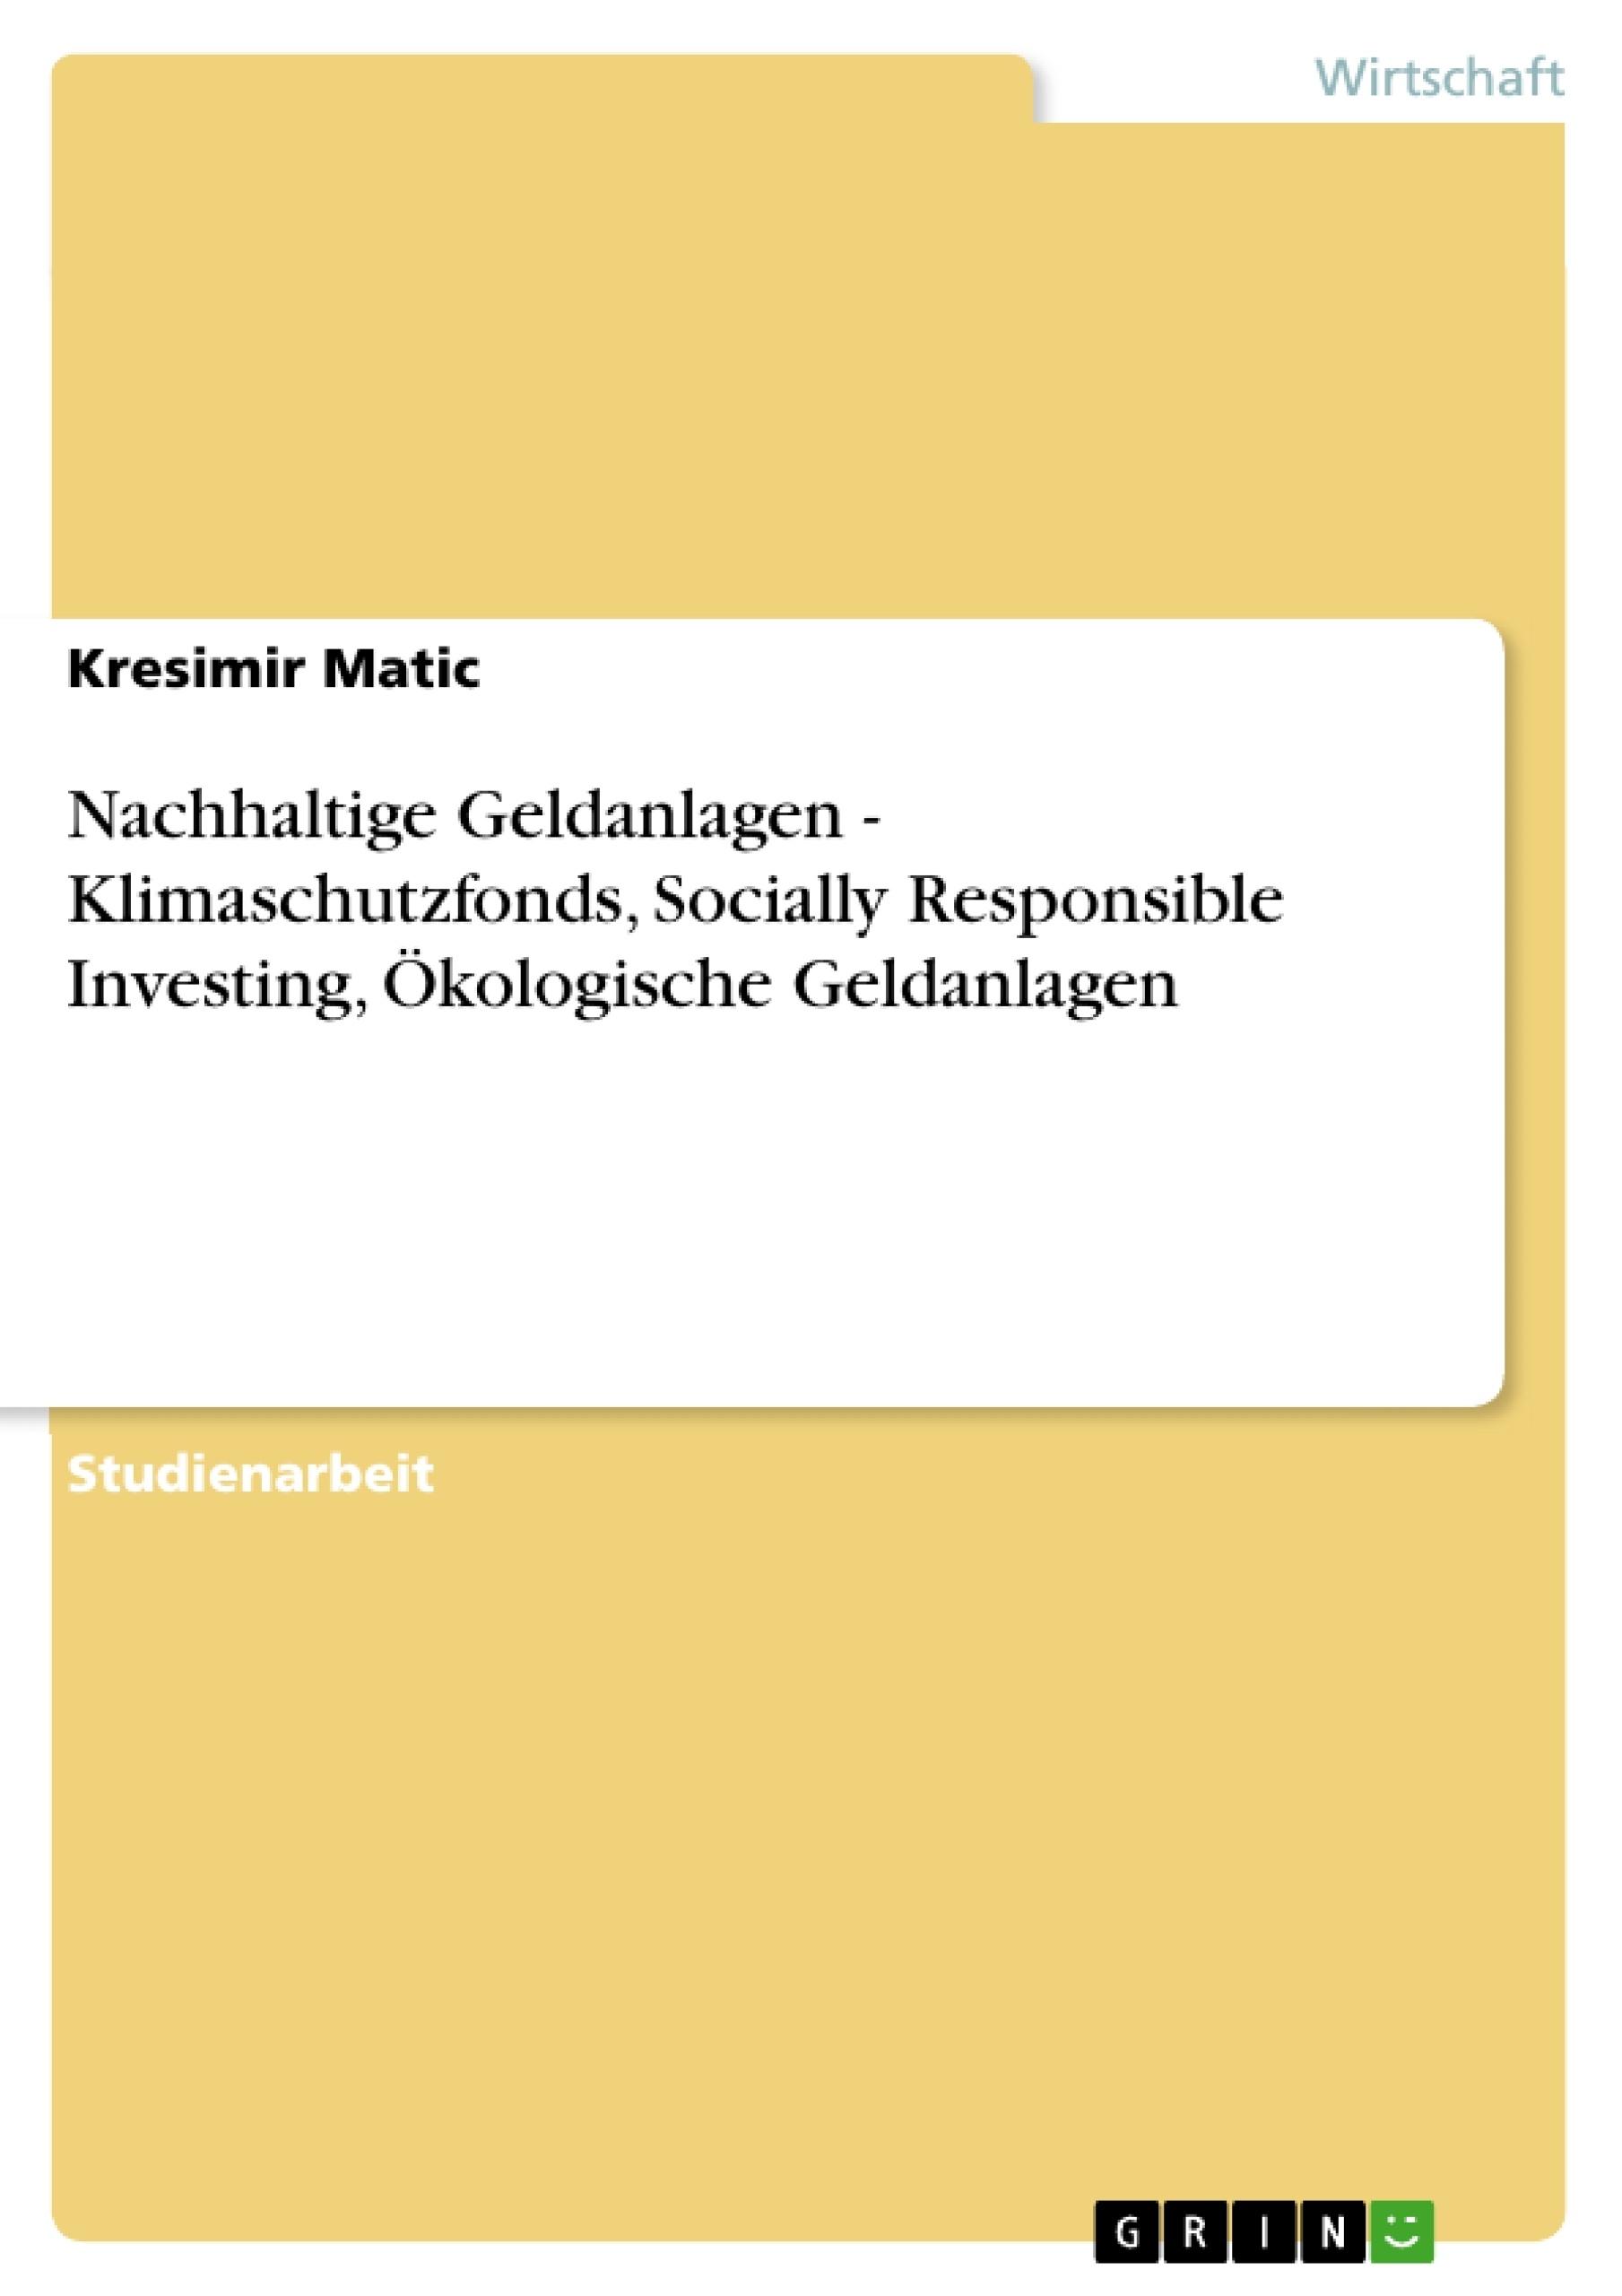 Titel: Nachhaltige Geldanlagen - Klimaschutzfonds, Socially Responsible Investing, Ökologische Geldanlagen